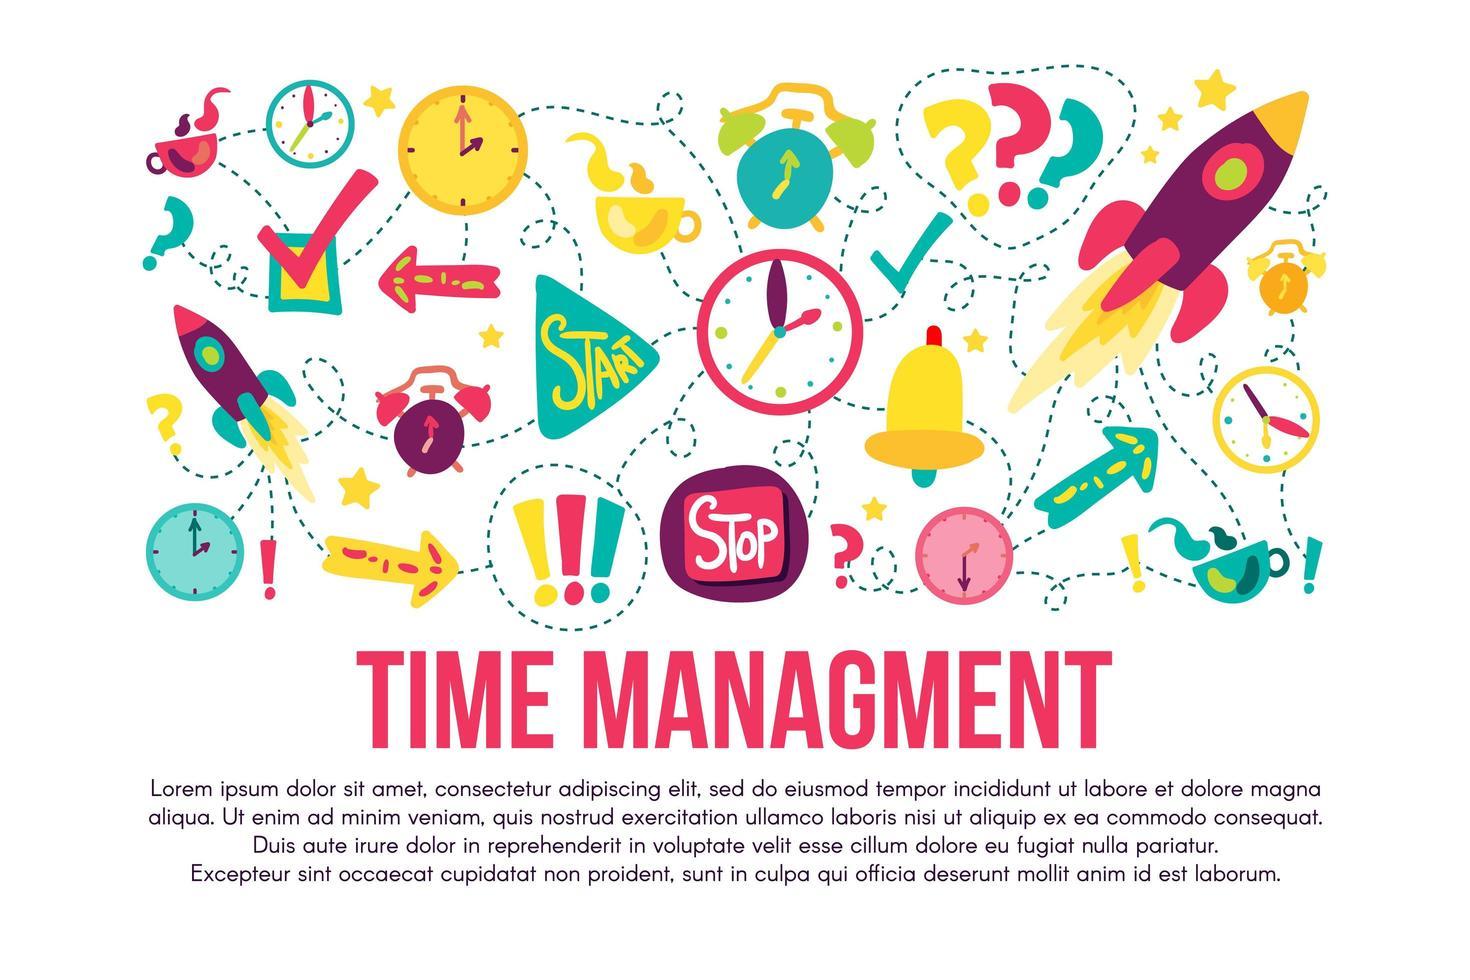 Conjunto de adesivos de gerenciamento de tempo vetor